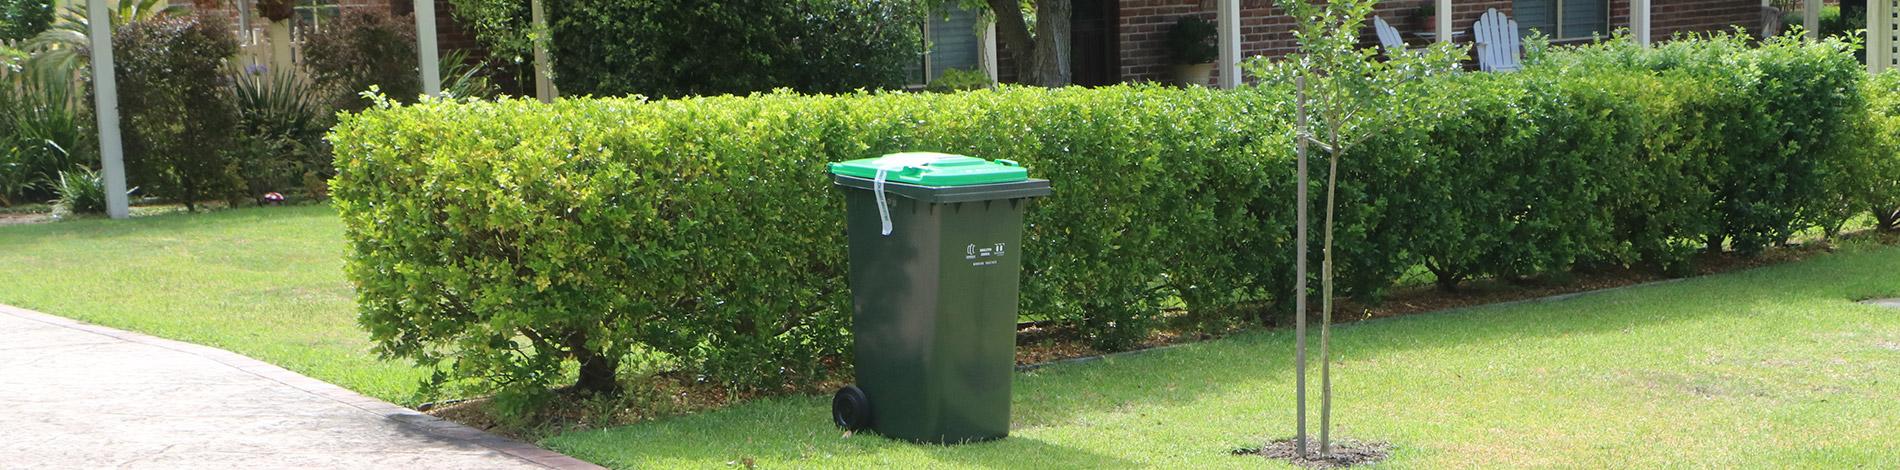 garden waste wheelie bin